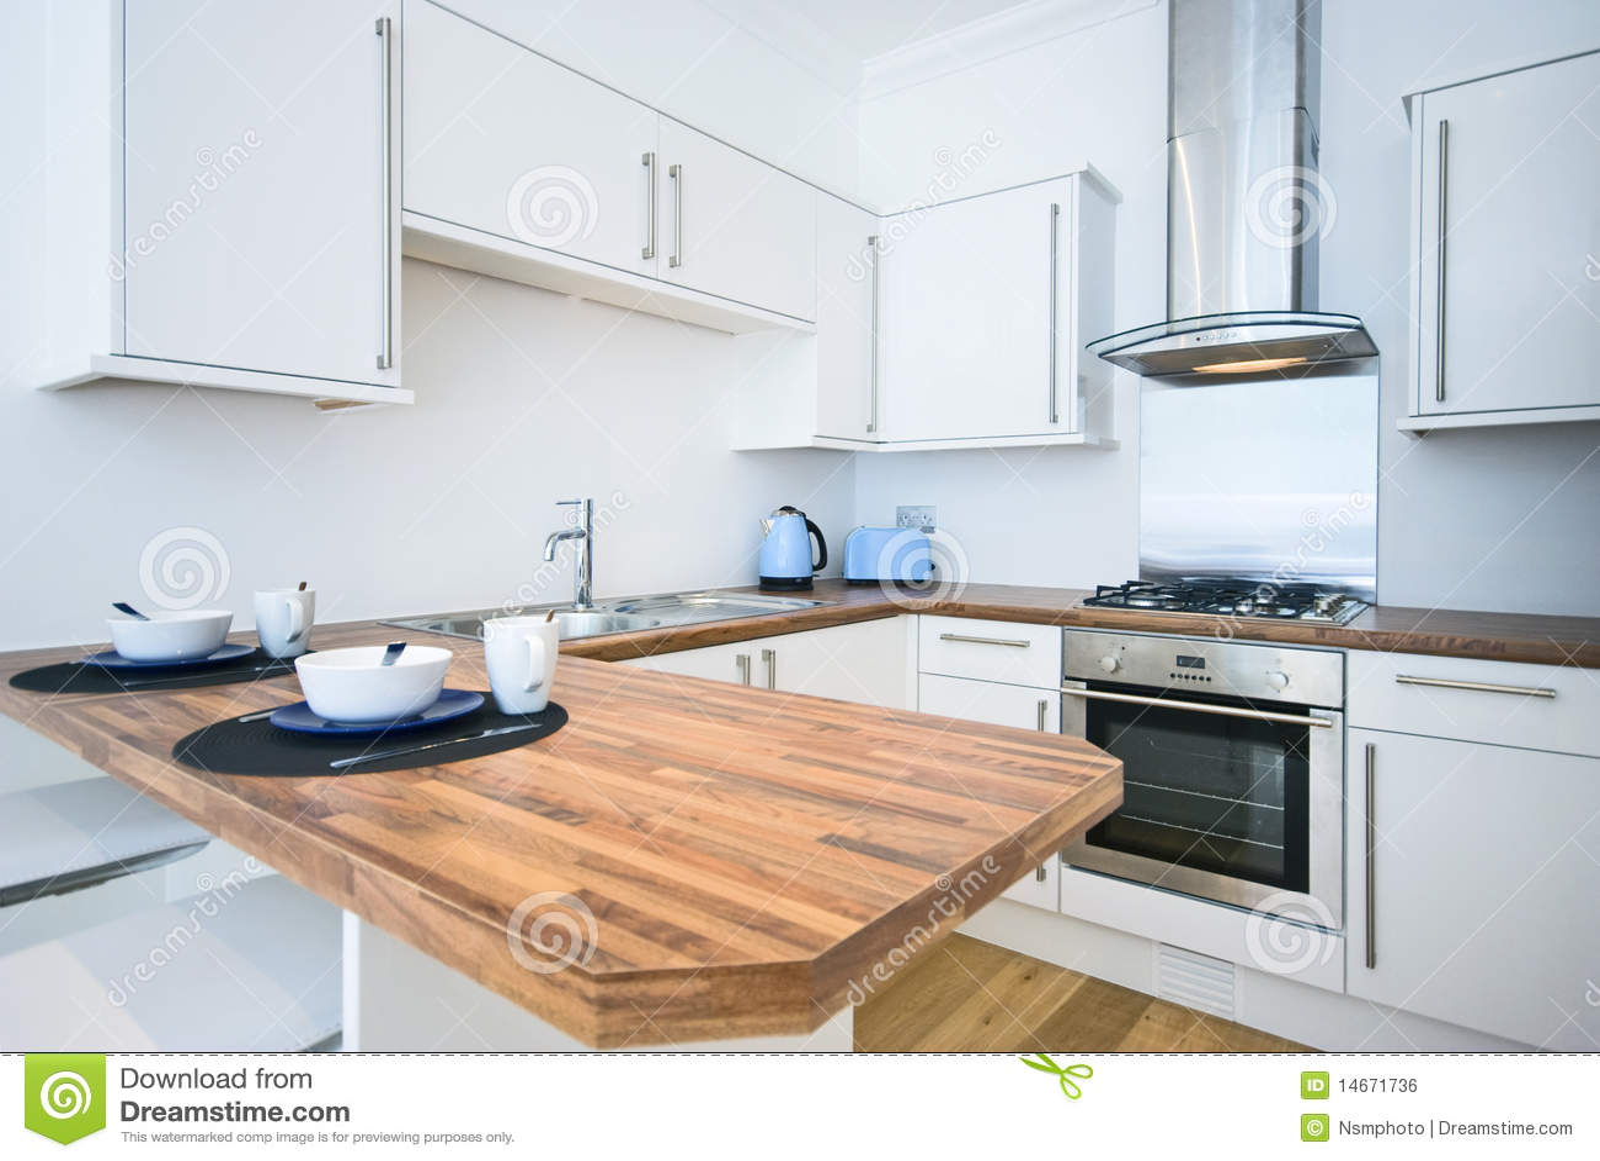 Cocina contempor nea con una barra de desayuno imagen de for Cocinas con barra de desayuno